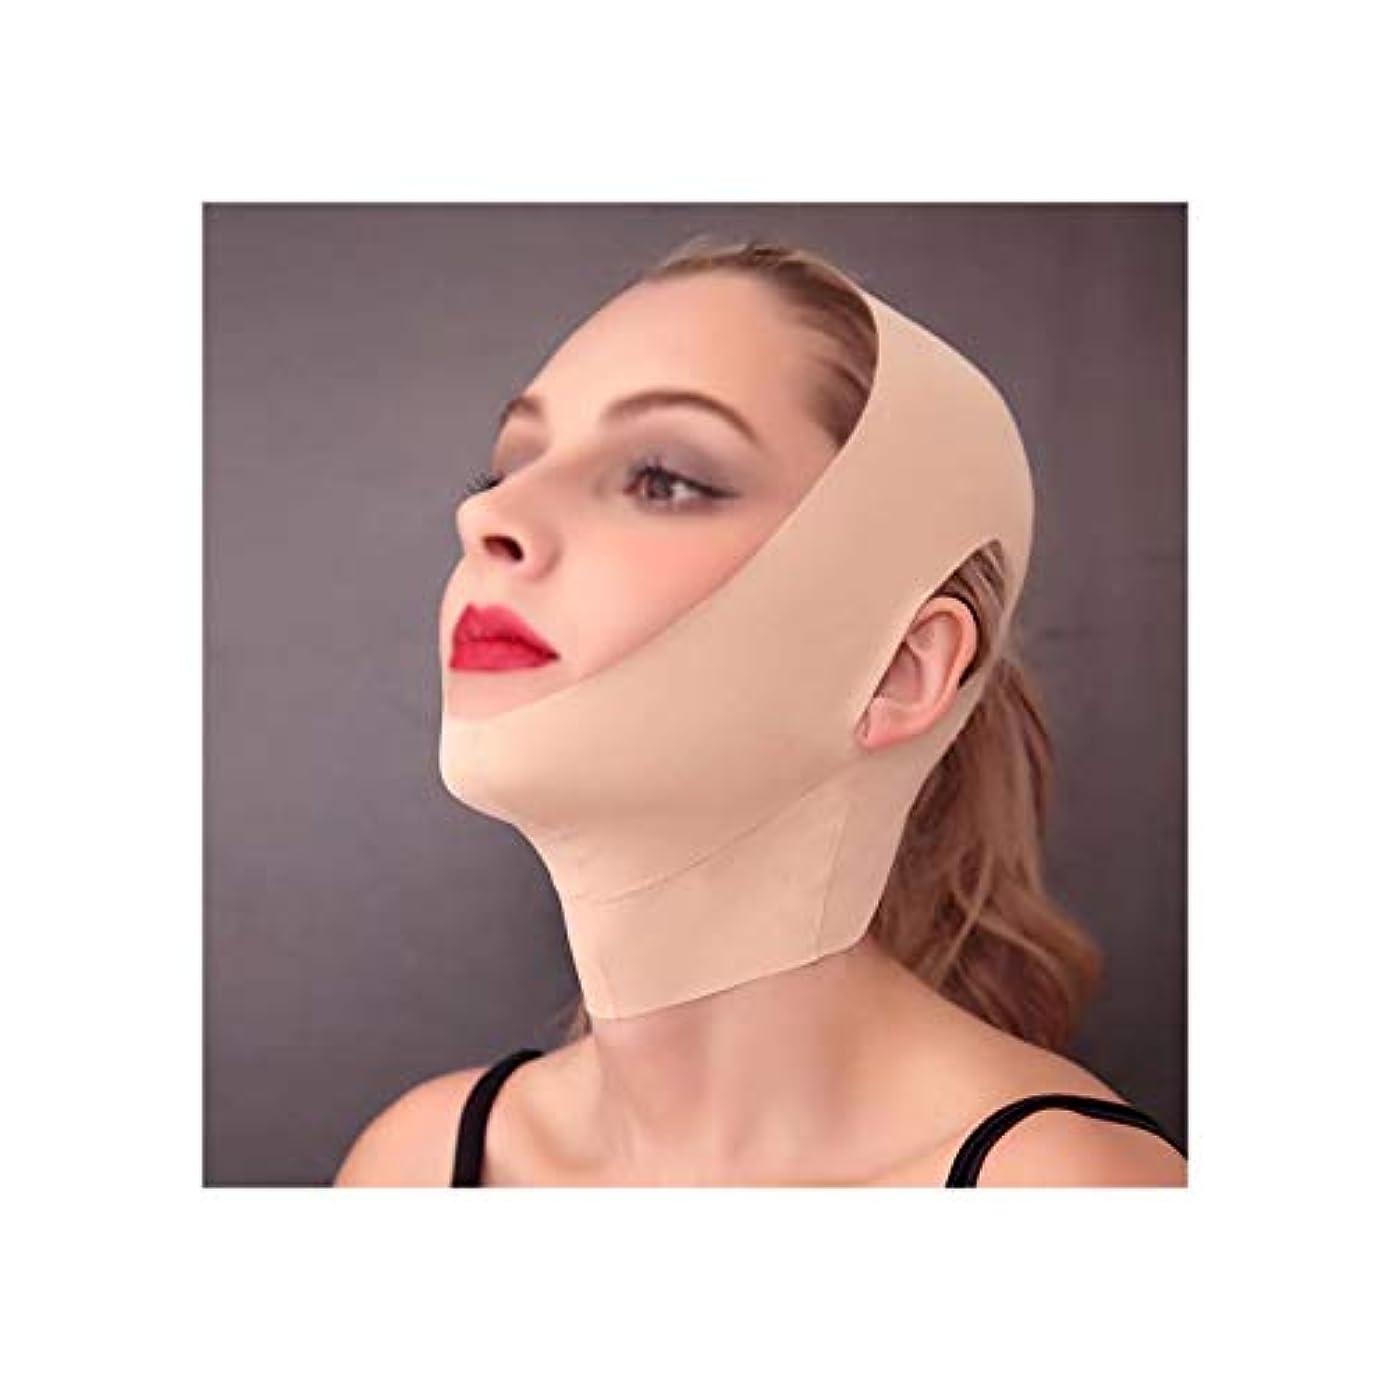 役に立たないヨーグルト計算するフェイシャルマスク、フェイスリフティングアーティファクト女性の男性の睡眠の顔Vフェイス包帯マスクリフティングフェイス修正引き締め顔に二重あご痩身ベルト